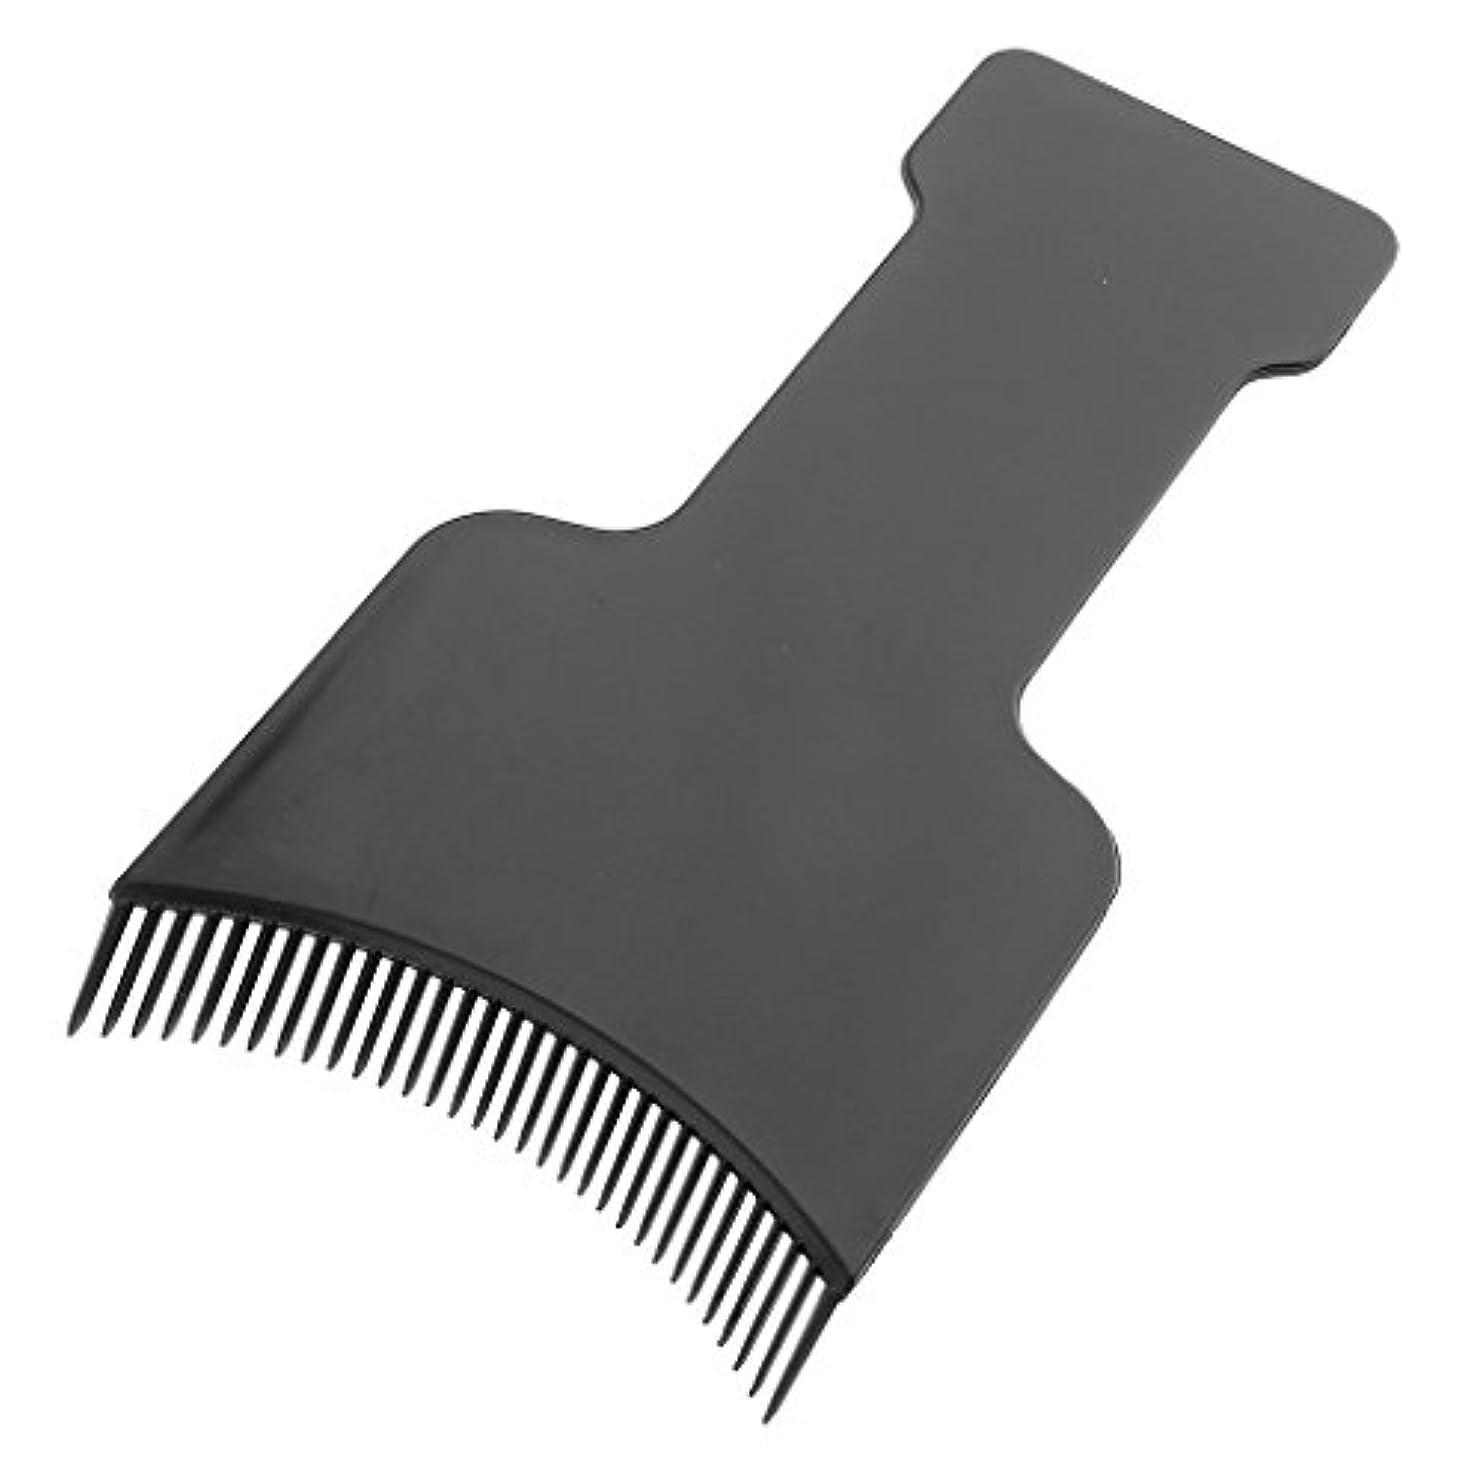 効能しおれた解き明かすPerfeclan ヘアカラーボード サロン ヘアカラー 美容 ヘア ツール 髪 保護 ブラック 全4サイズ - S